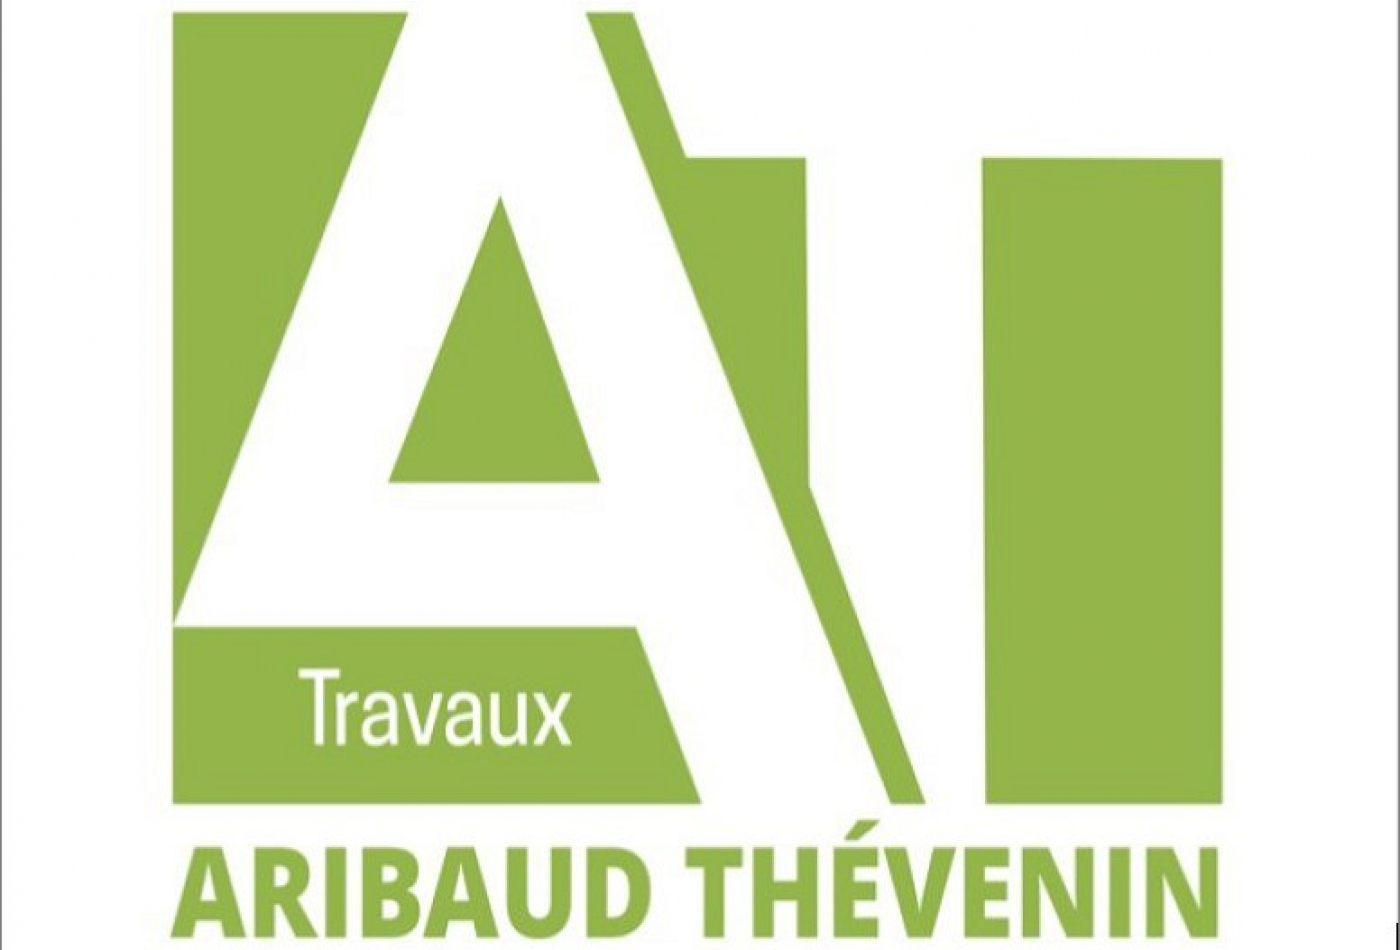 Aribaux thevenin - votre spécialiste assainissement non collectif Vends du sud